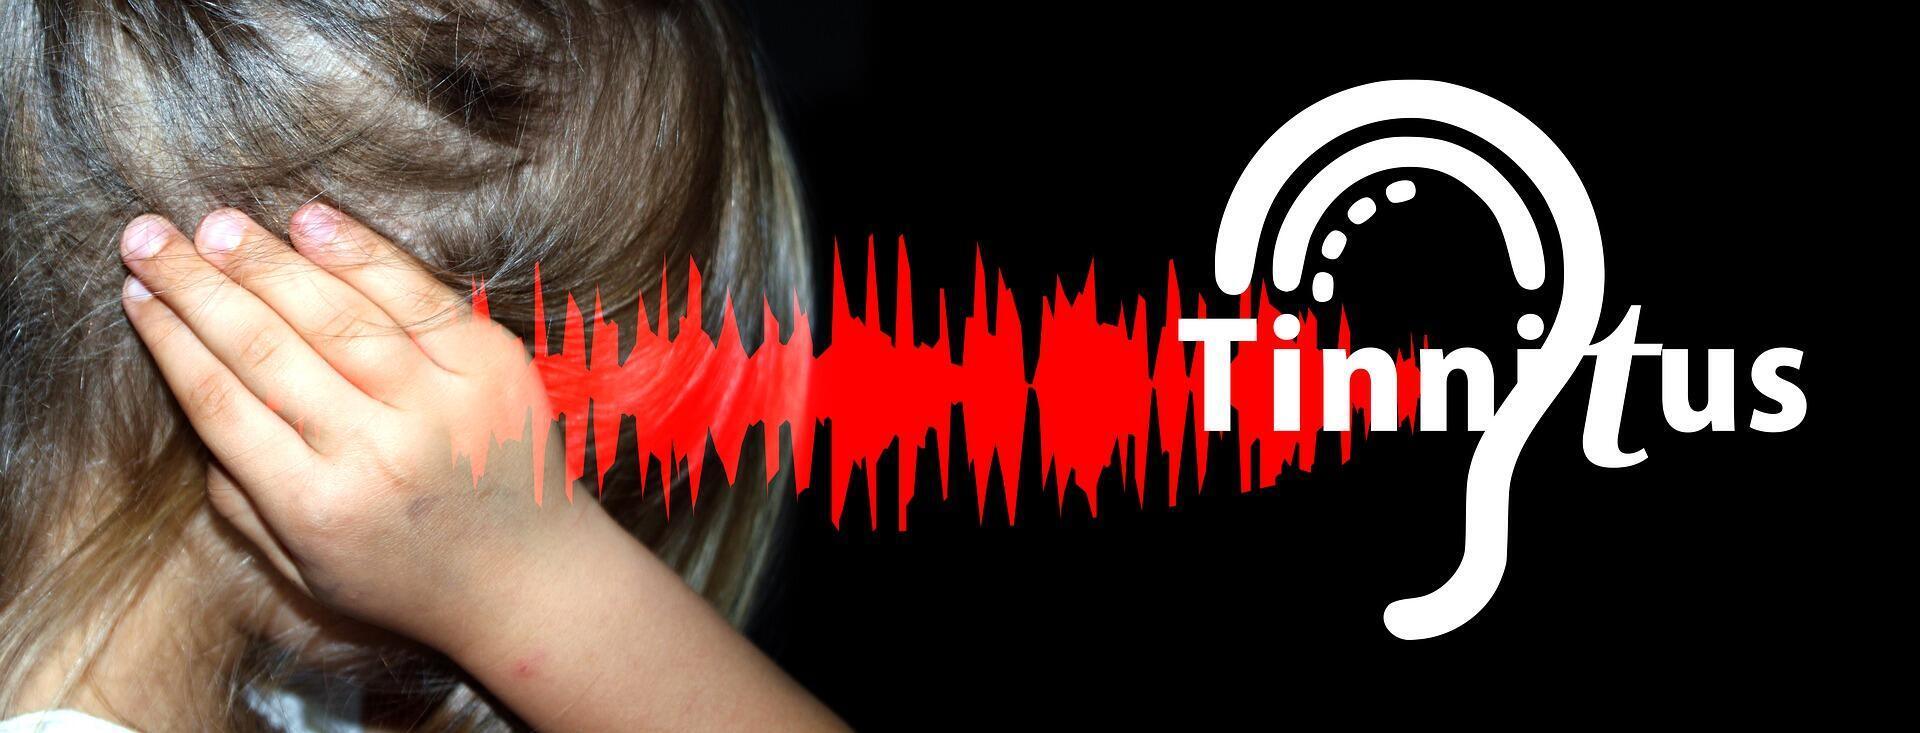 tinnitus-4804811_1920